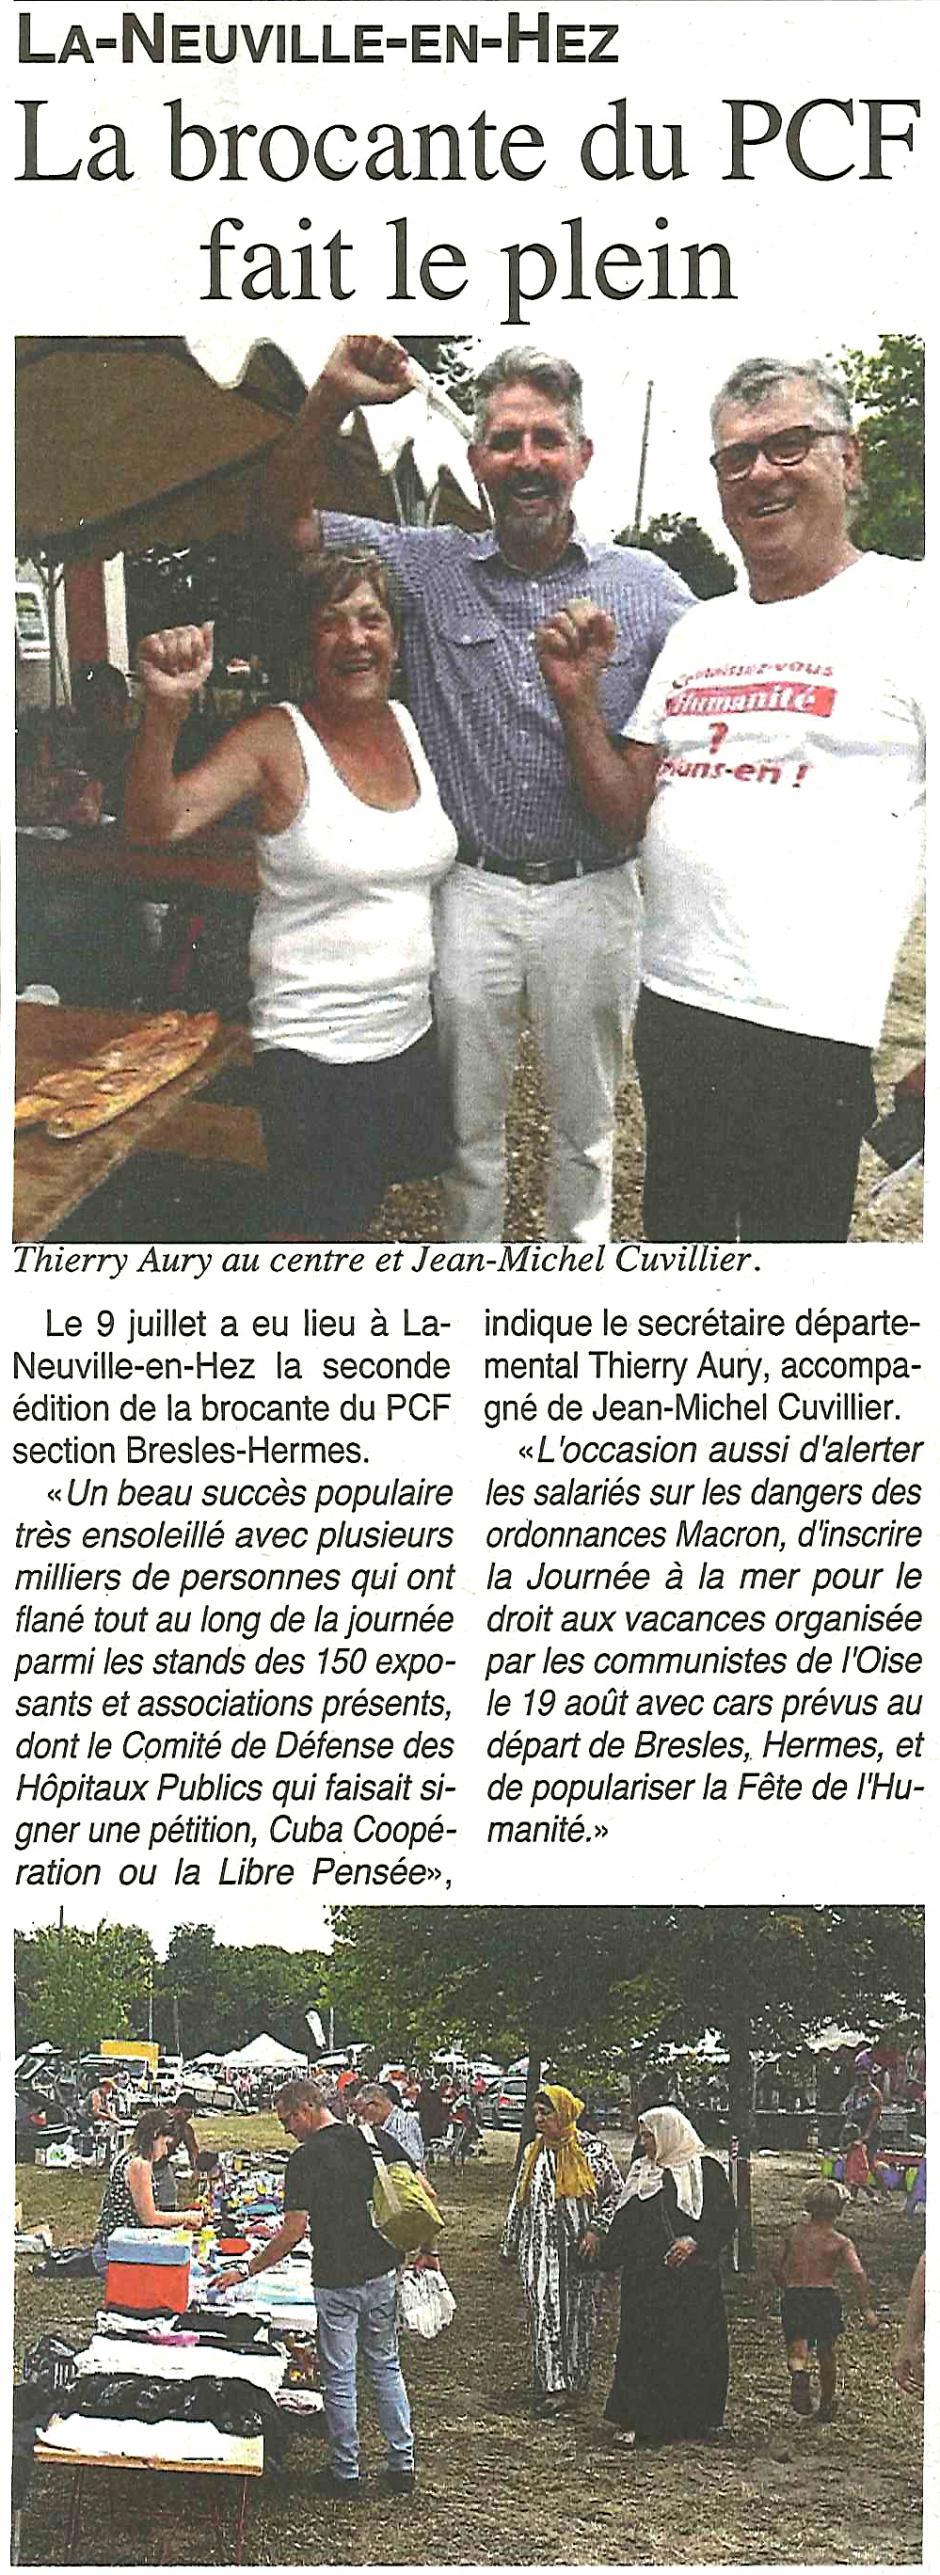 20170719-OH-La Neuville-en-Hez-La brocante du PCF fait le plein